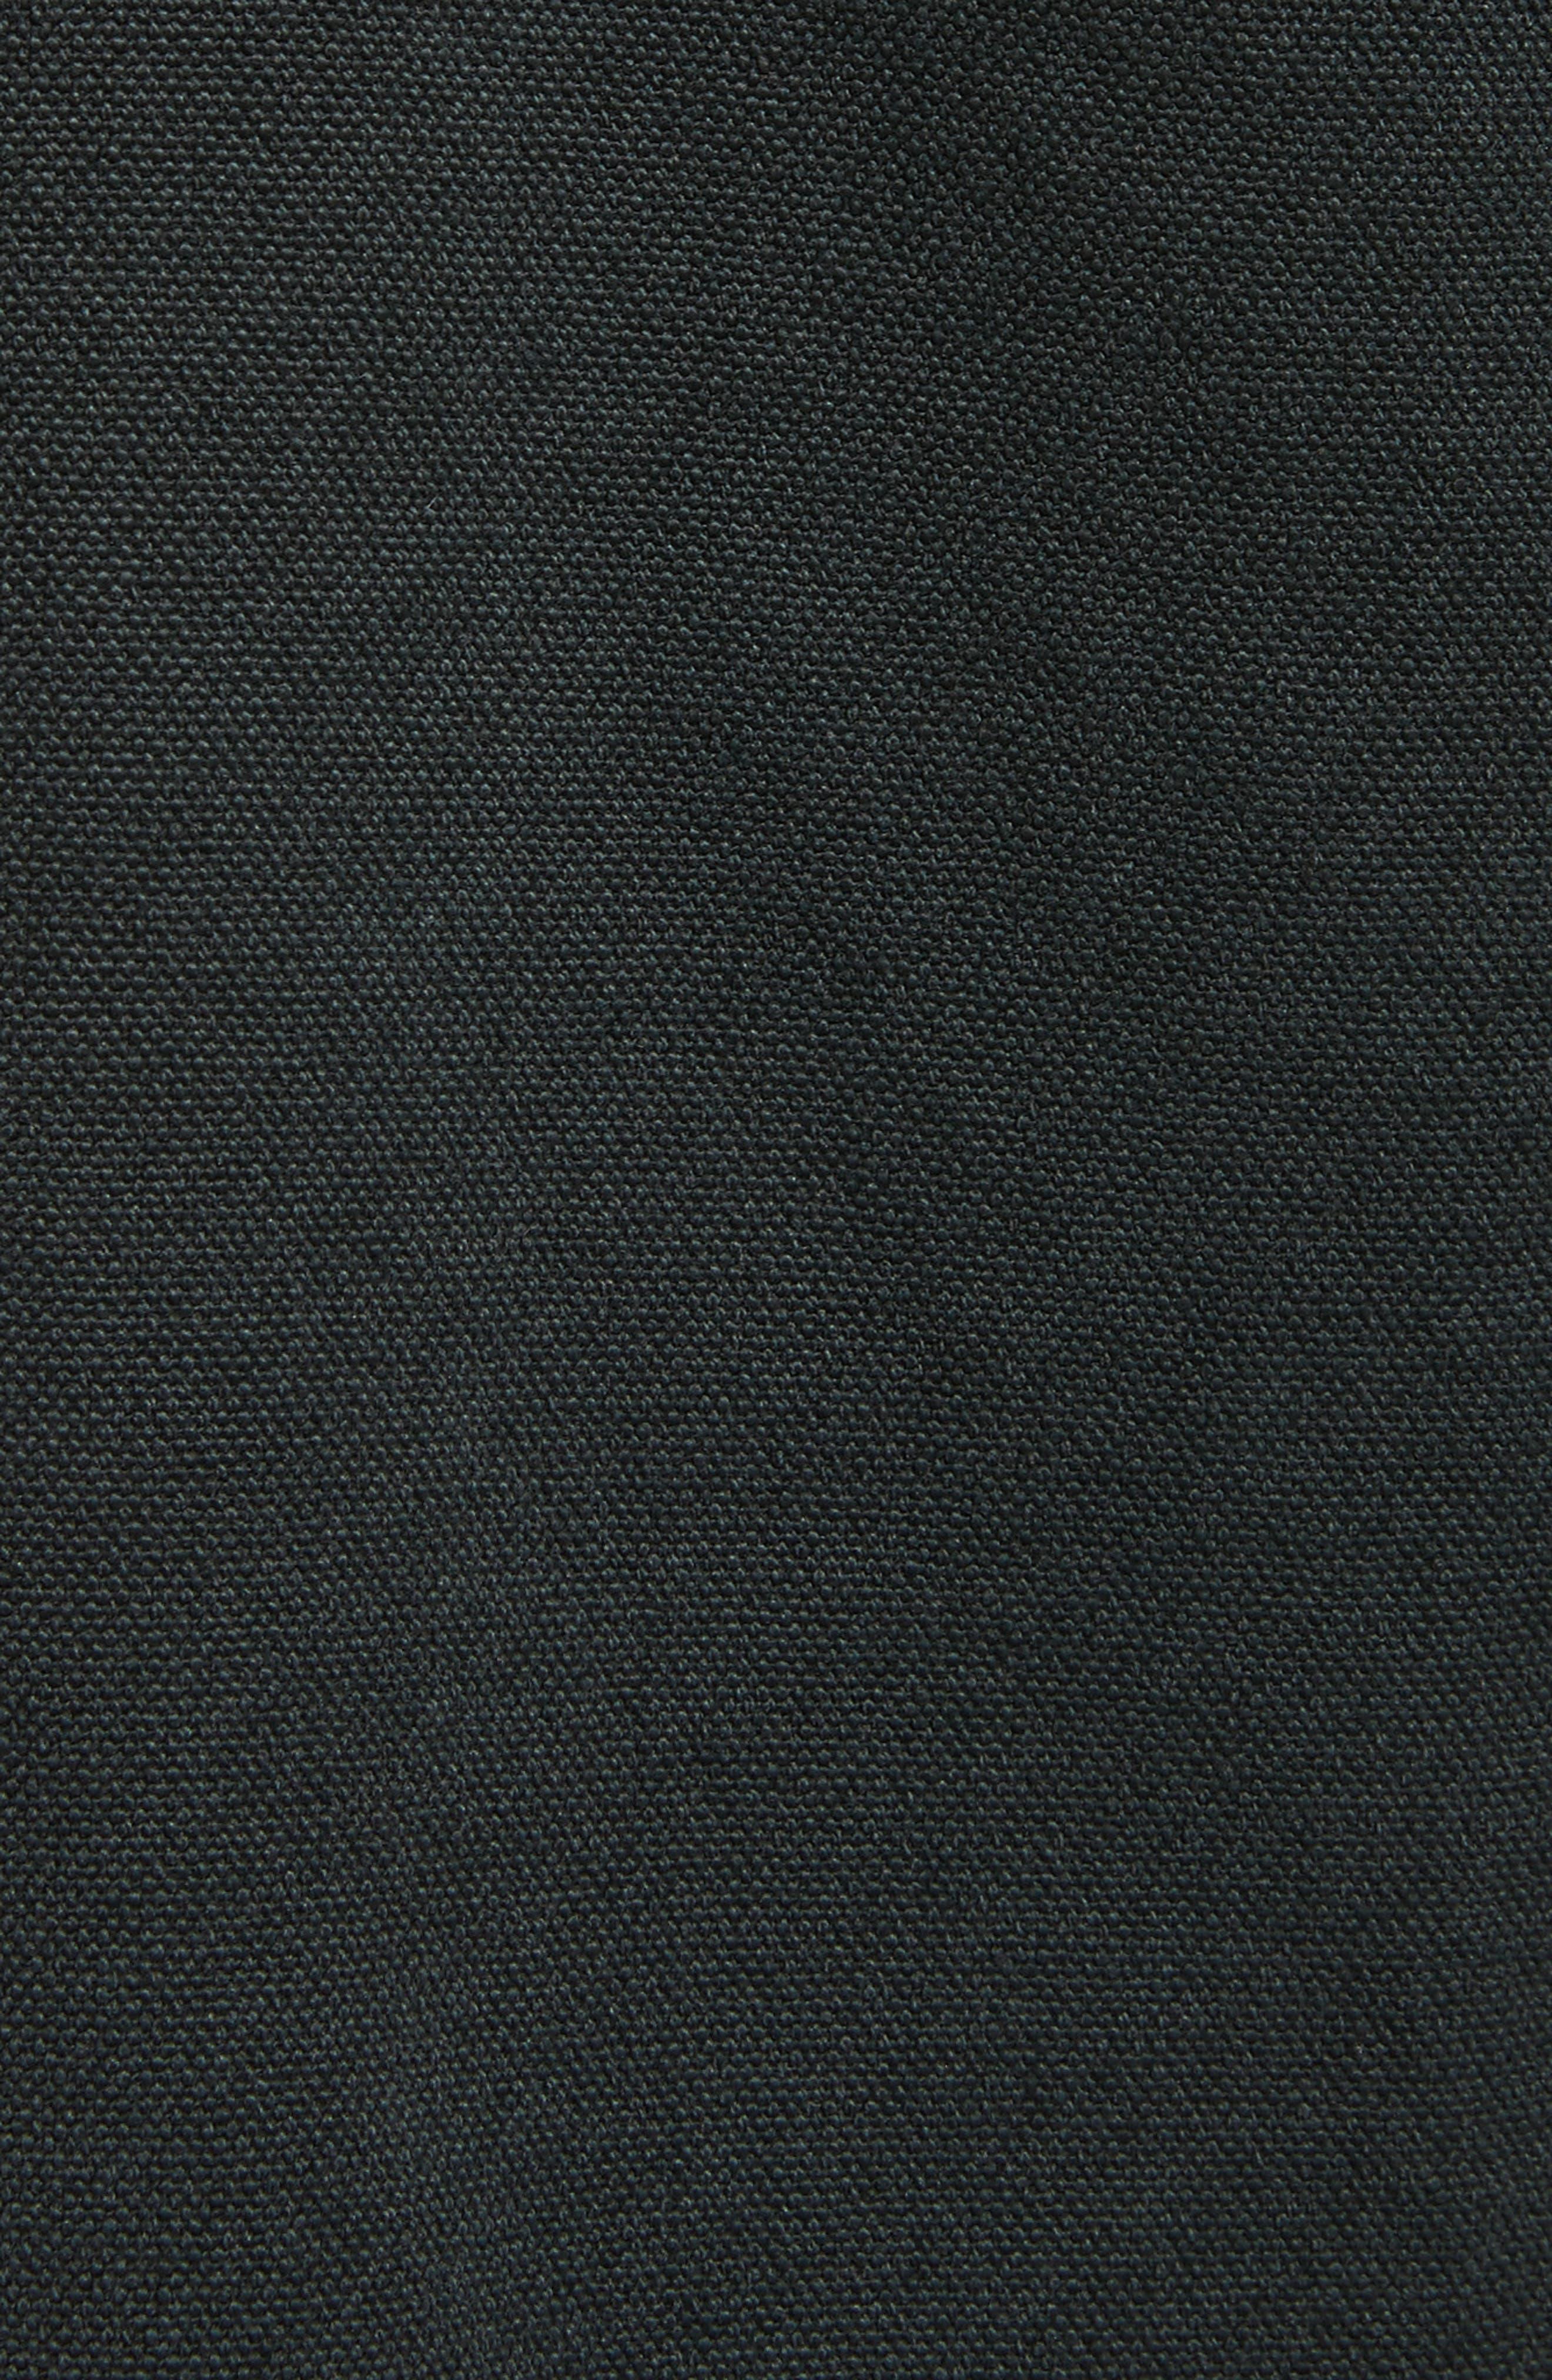 Anselm Wide Leg Patch Cargo Pants,                             Alternate thumbnail 5, color,                             010